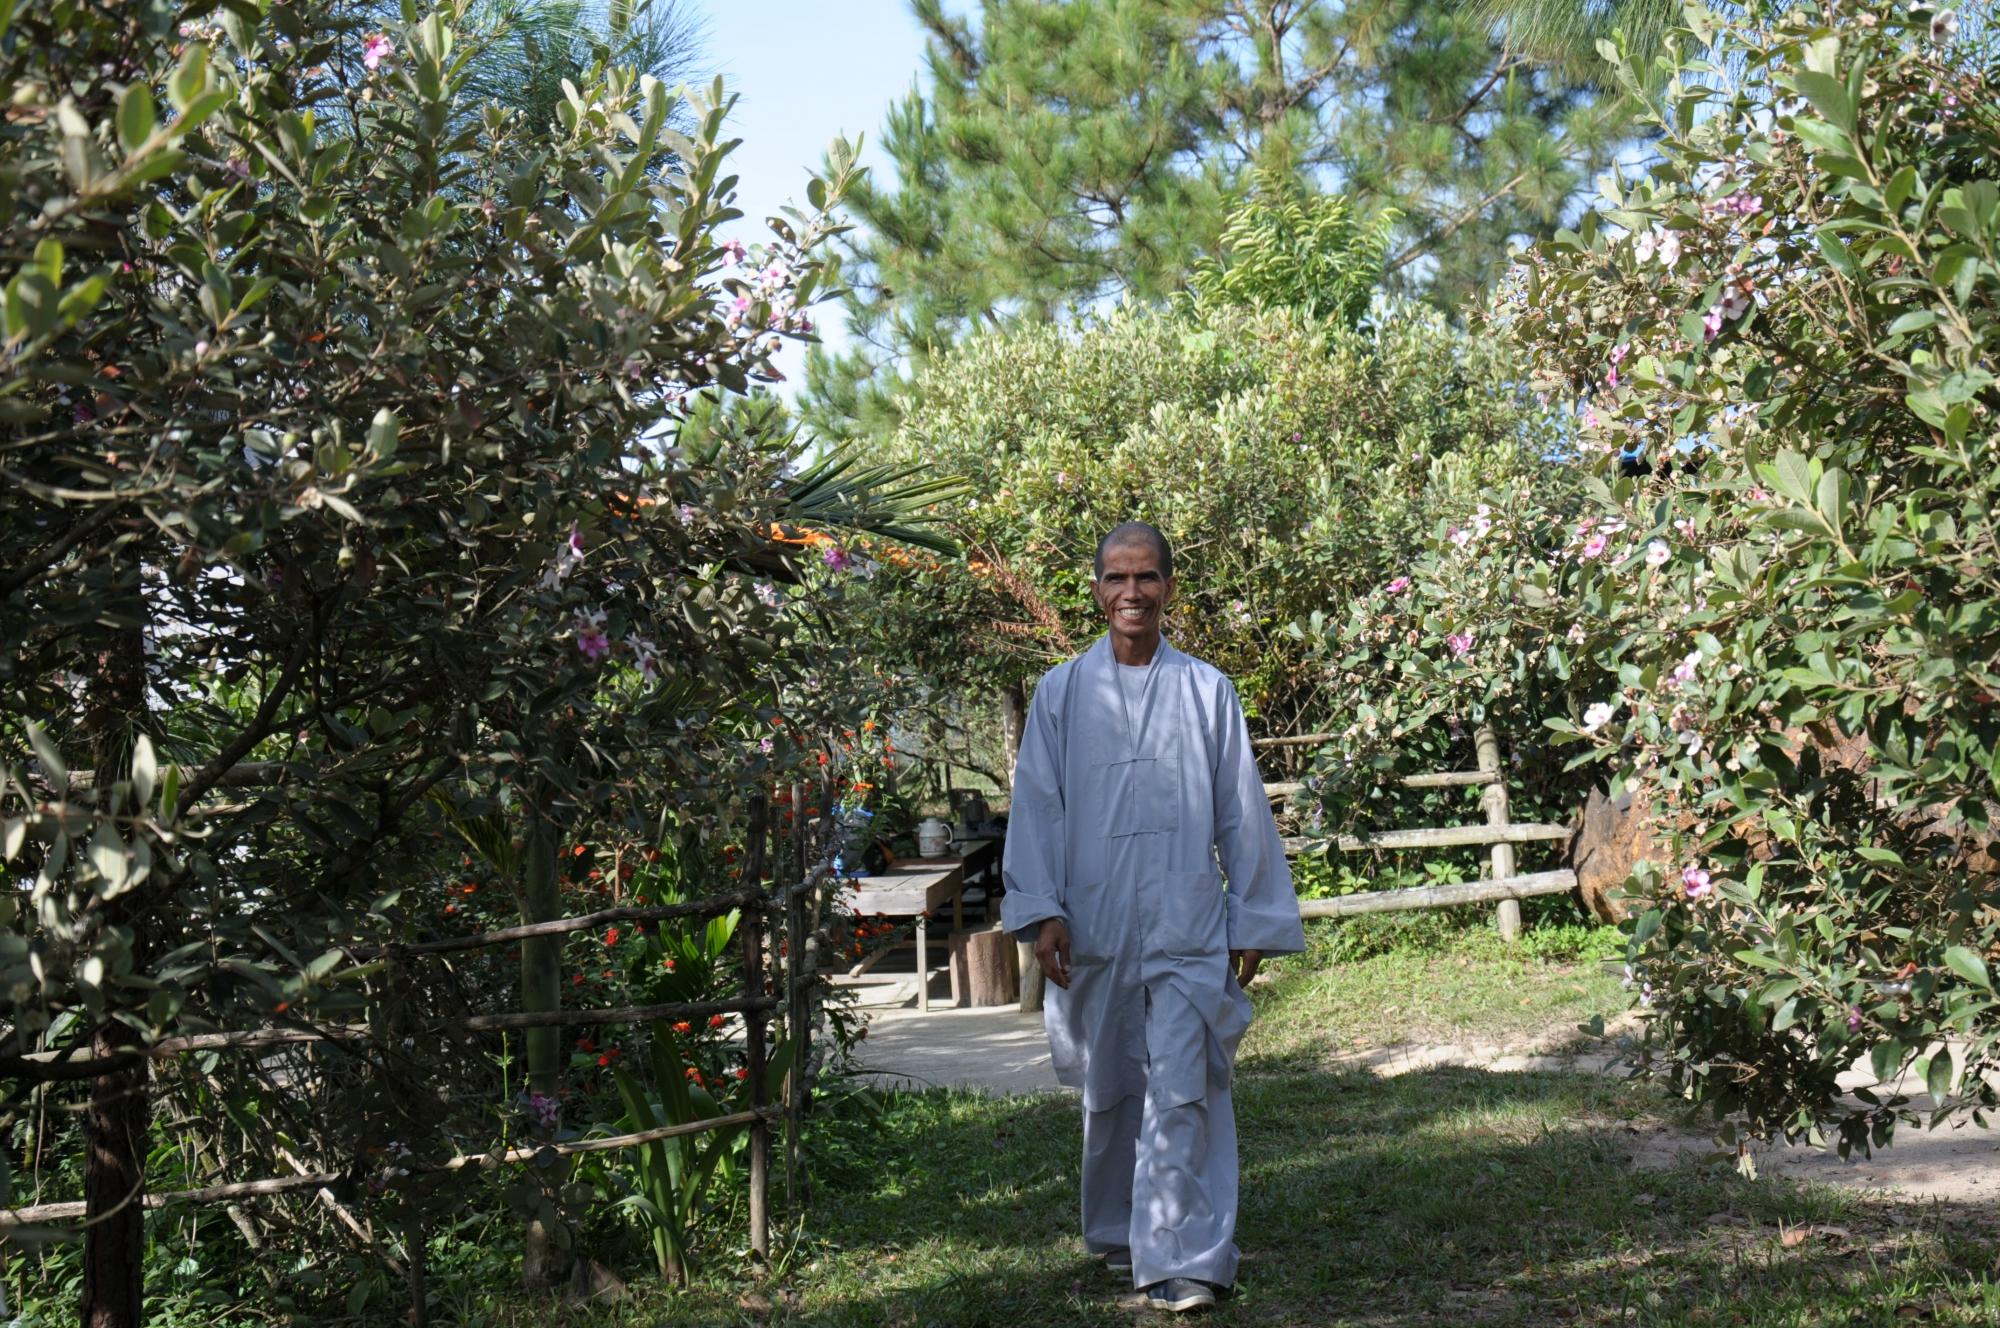 Câu chuyện về người tu sĩ giống tổng thống obama ở đồi sim